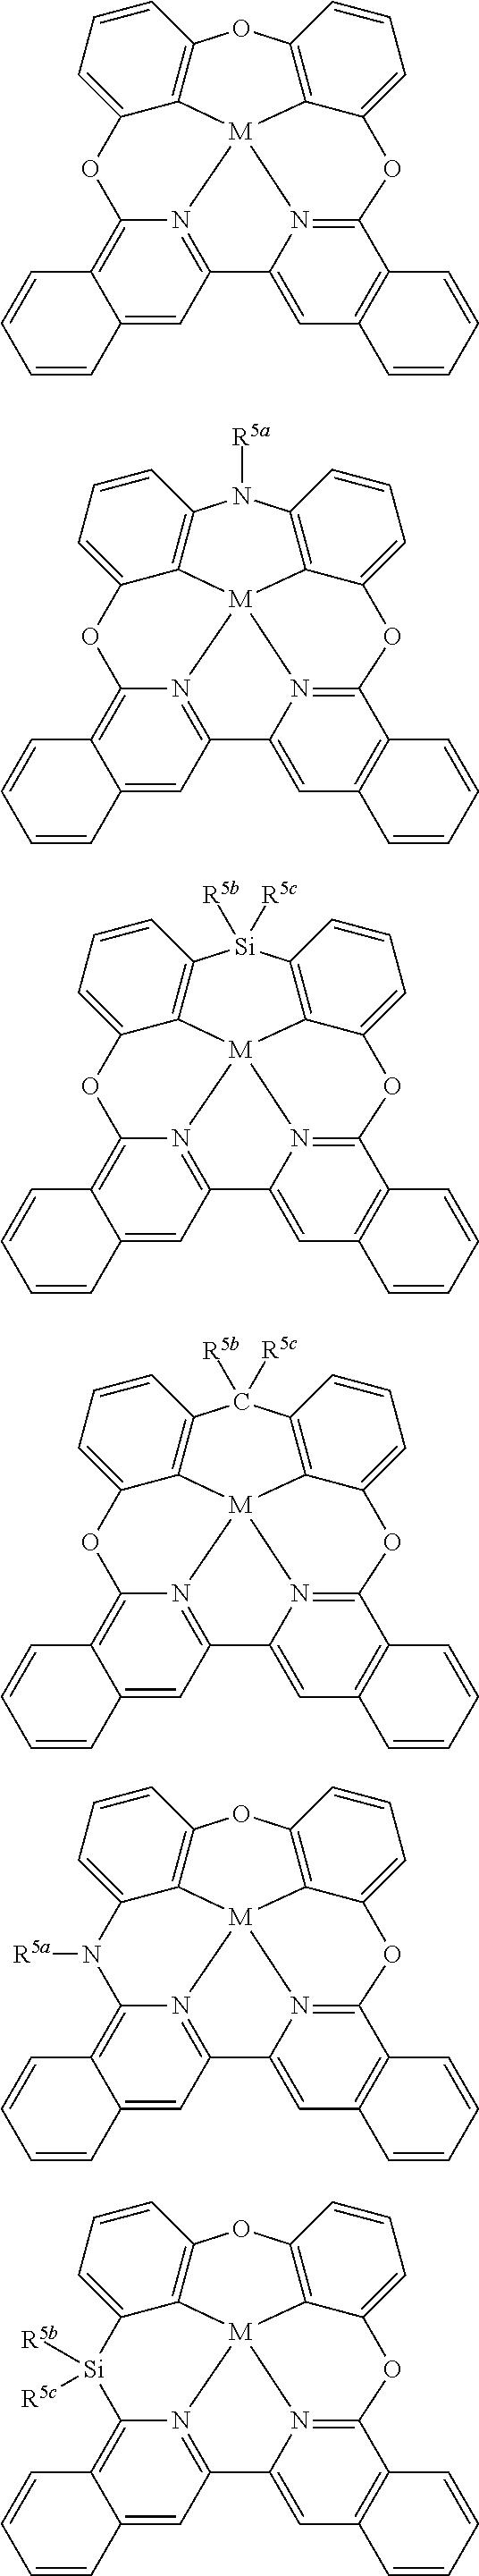 Figure US10158091-20181218-C00268